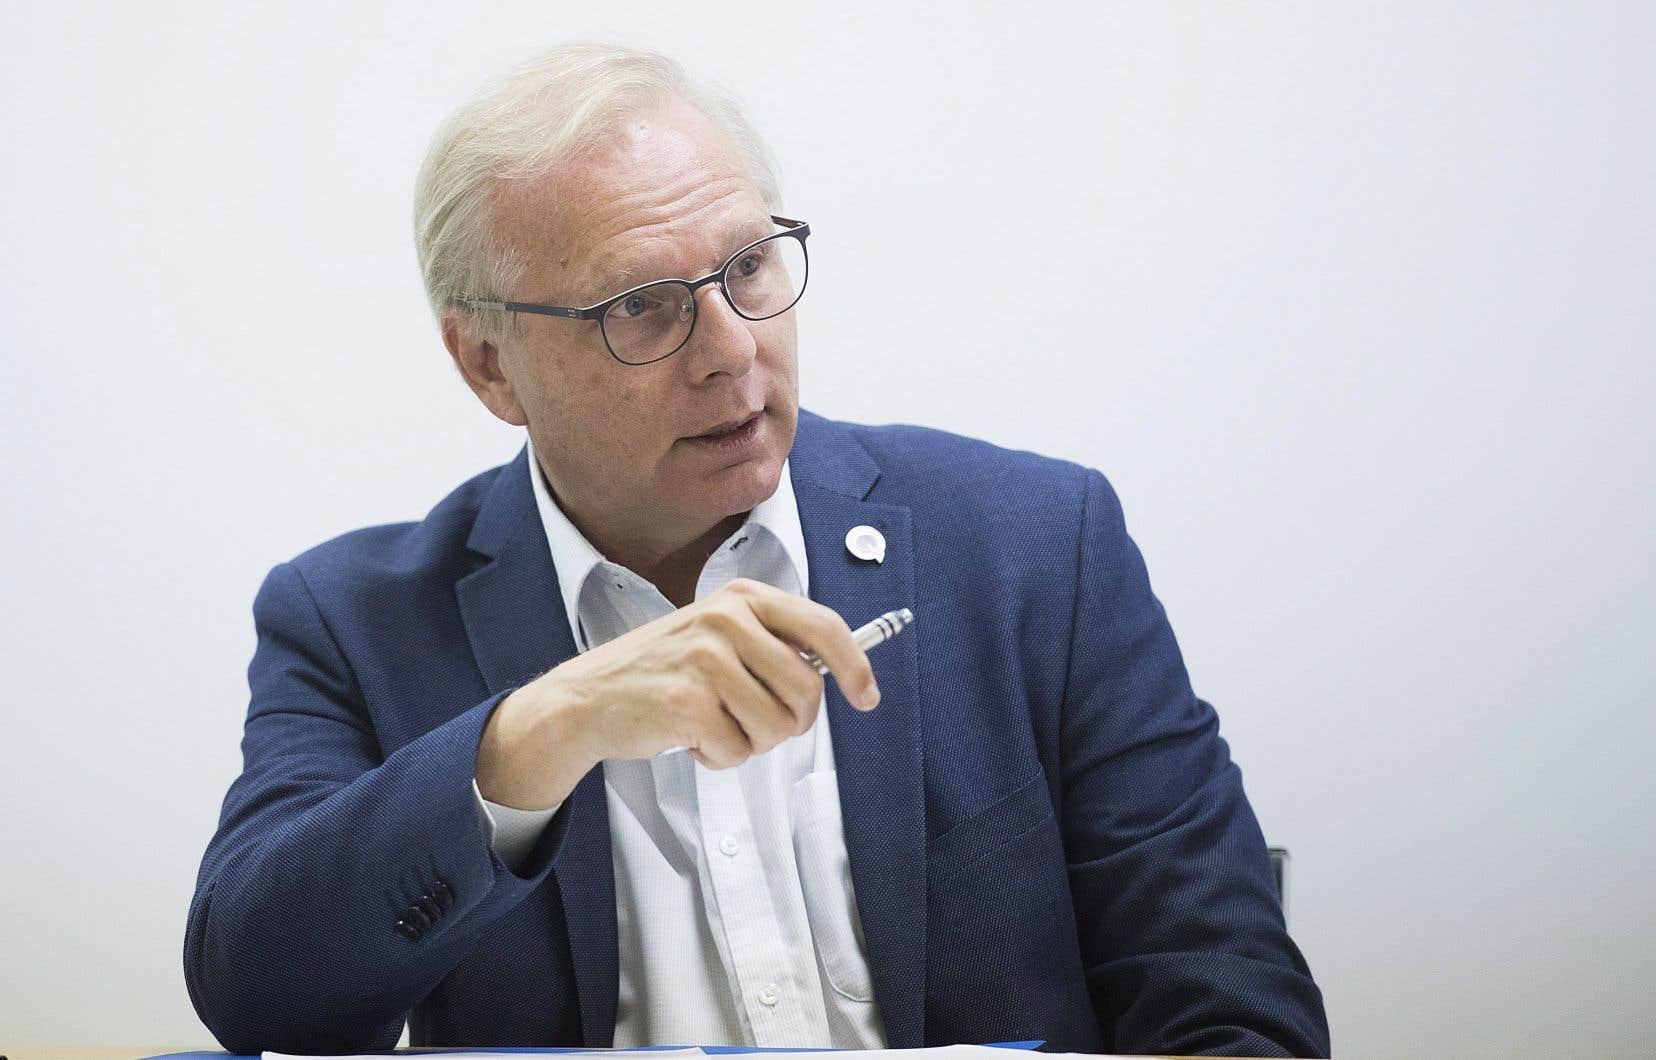 Le chef péquiste, Jean-François Lisée, se targue d'avoir un cadre financier conforme aux prévisions officielles.